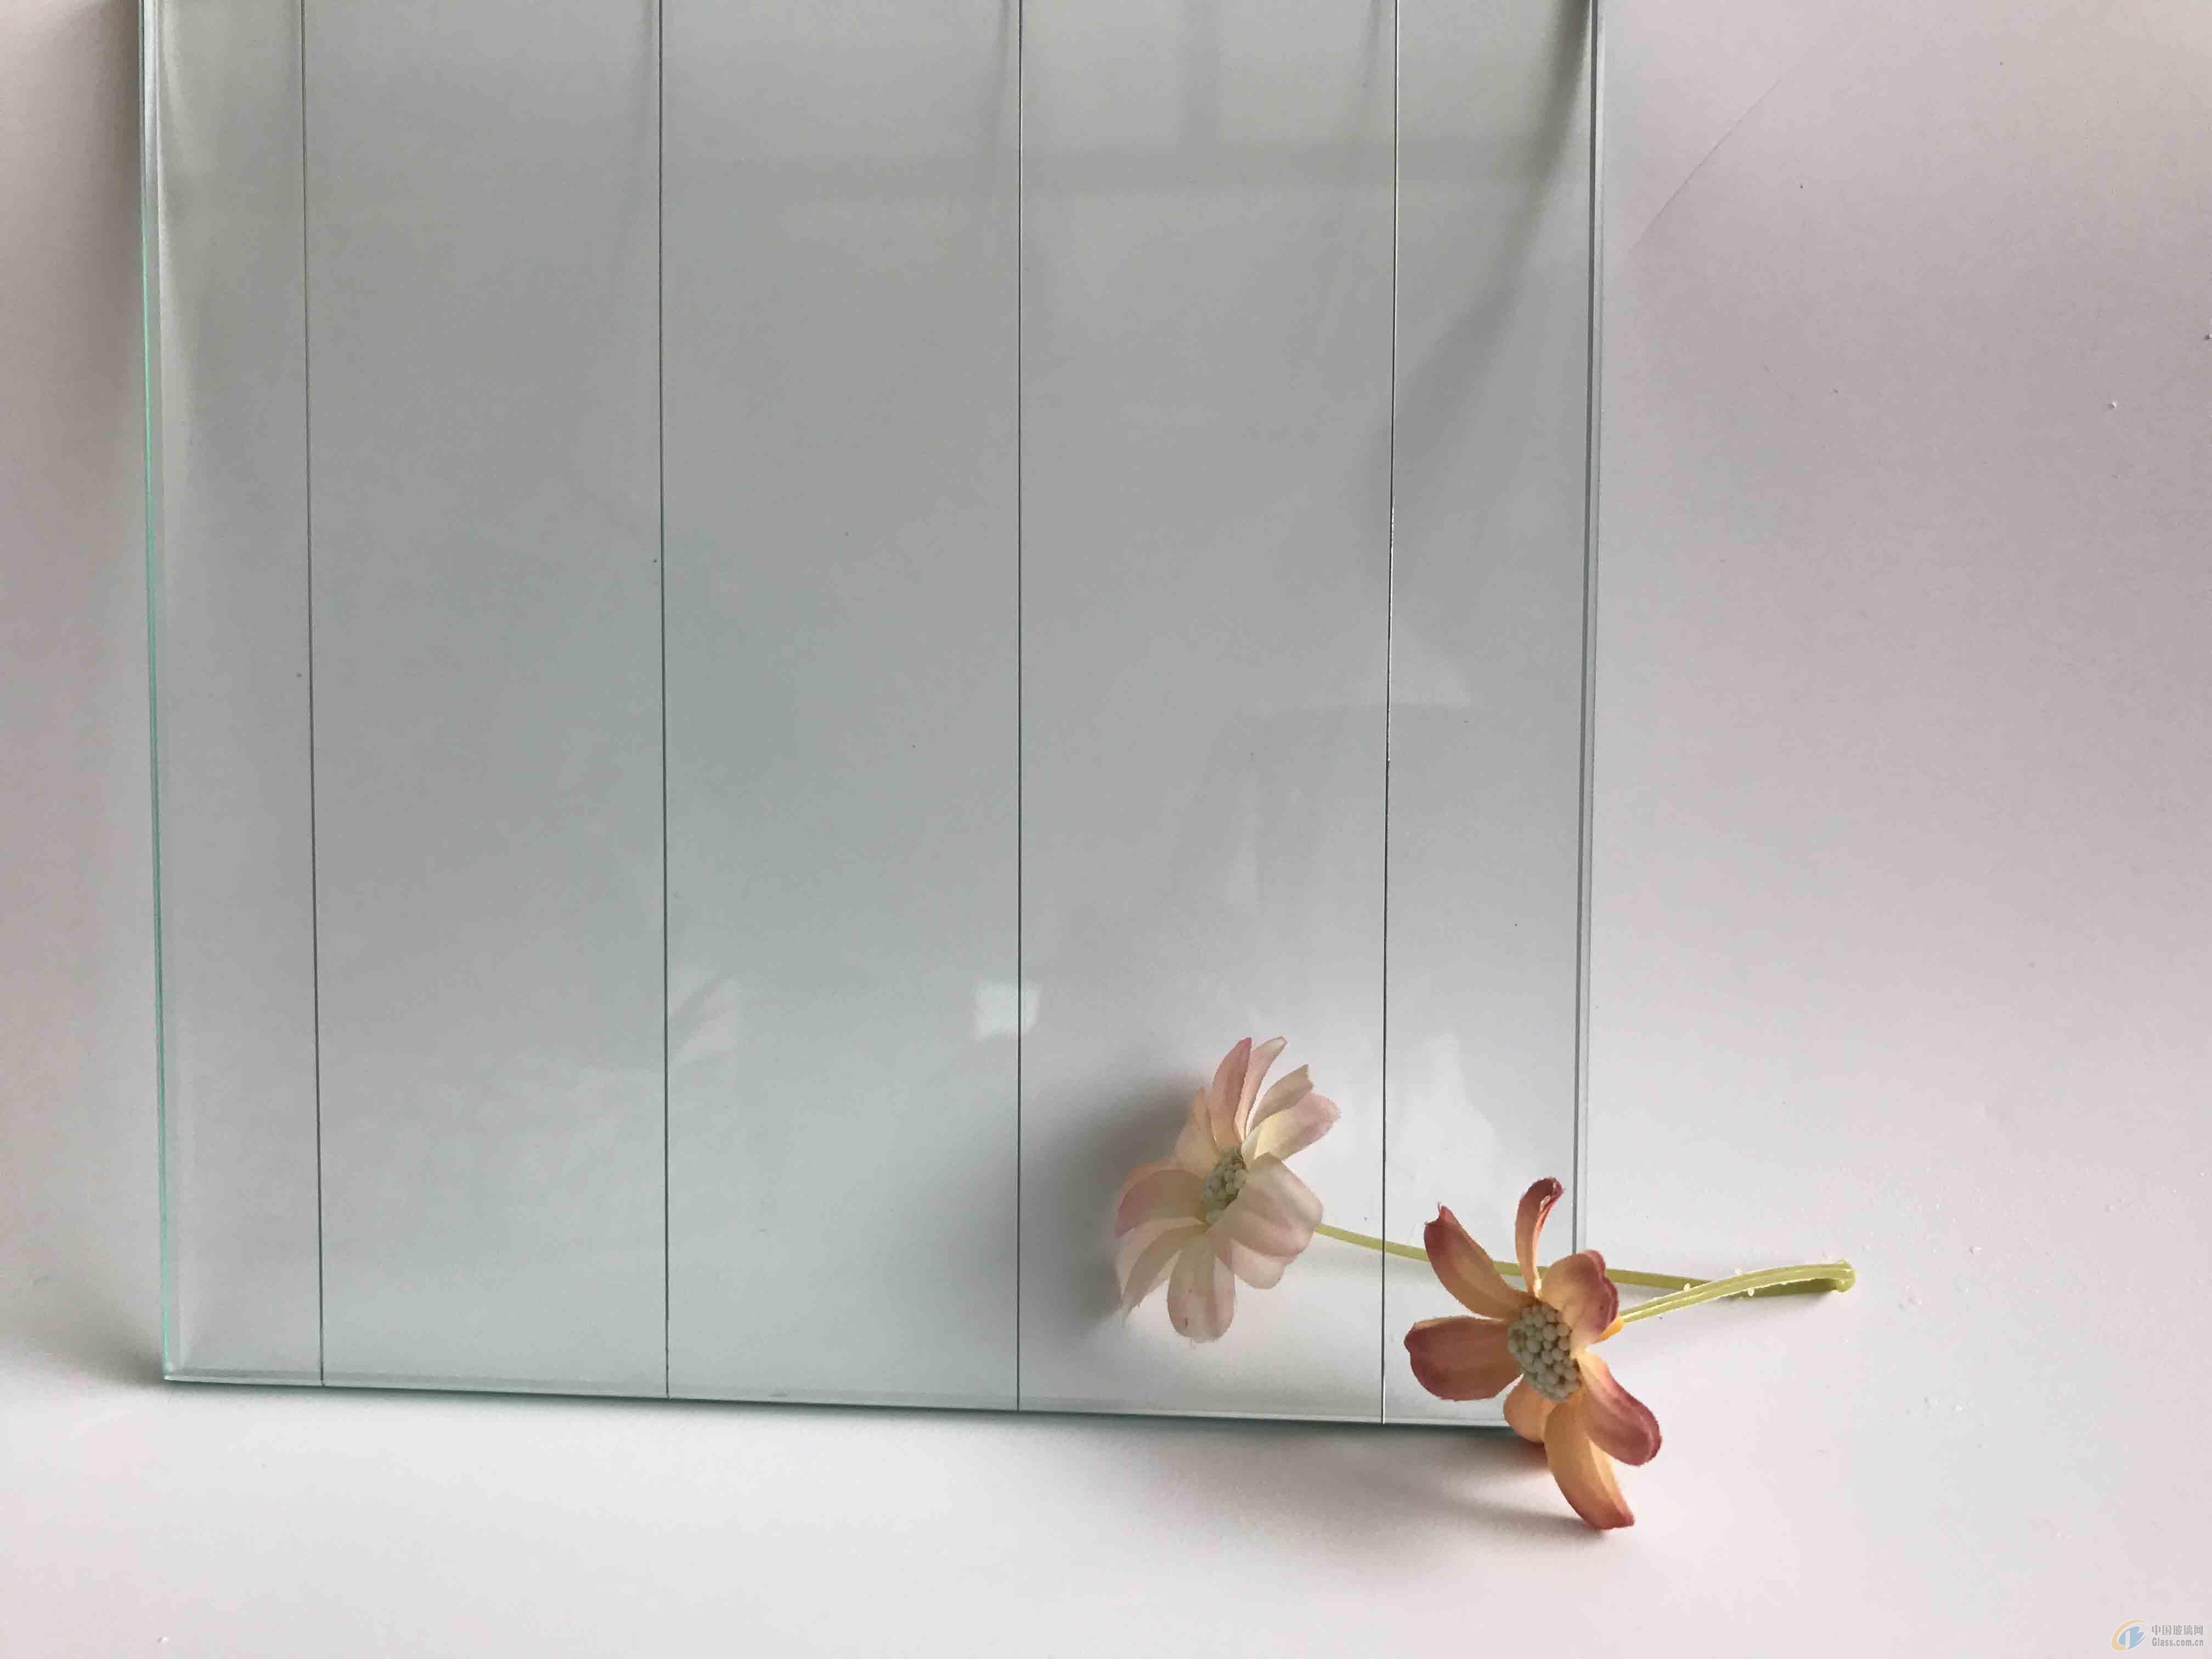 门窗防盗玻璃 夹铁丝玻璃 铁丝网玻璃